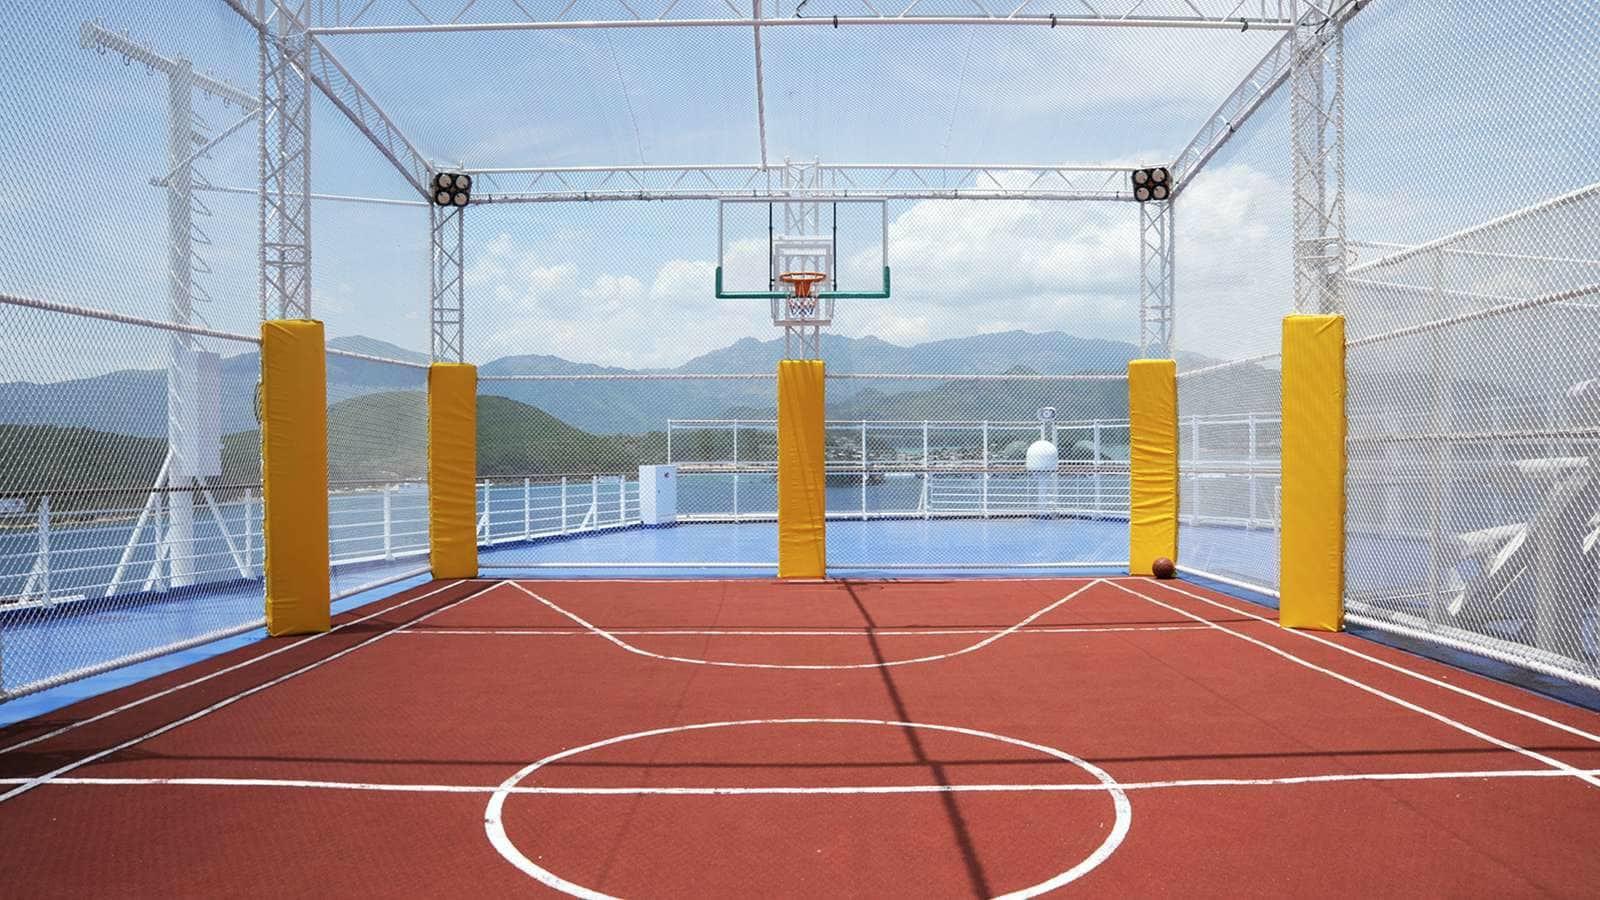 中心球场 Center Court